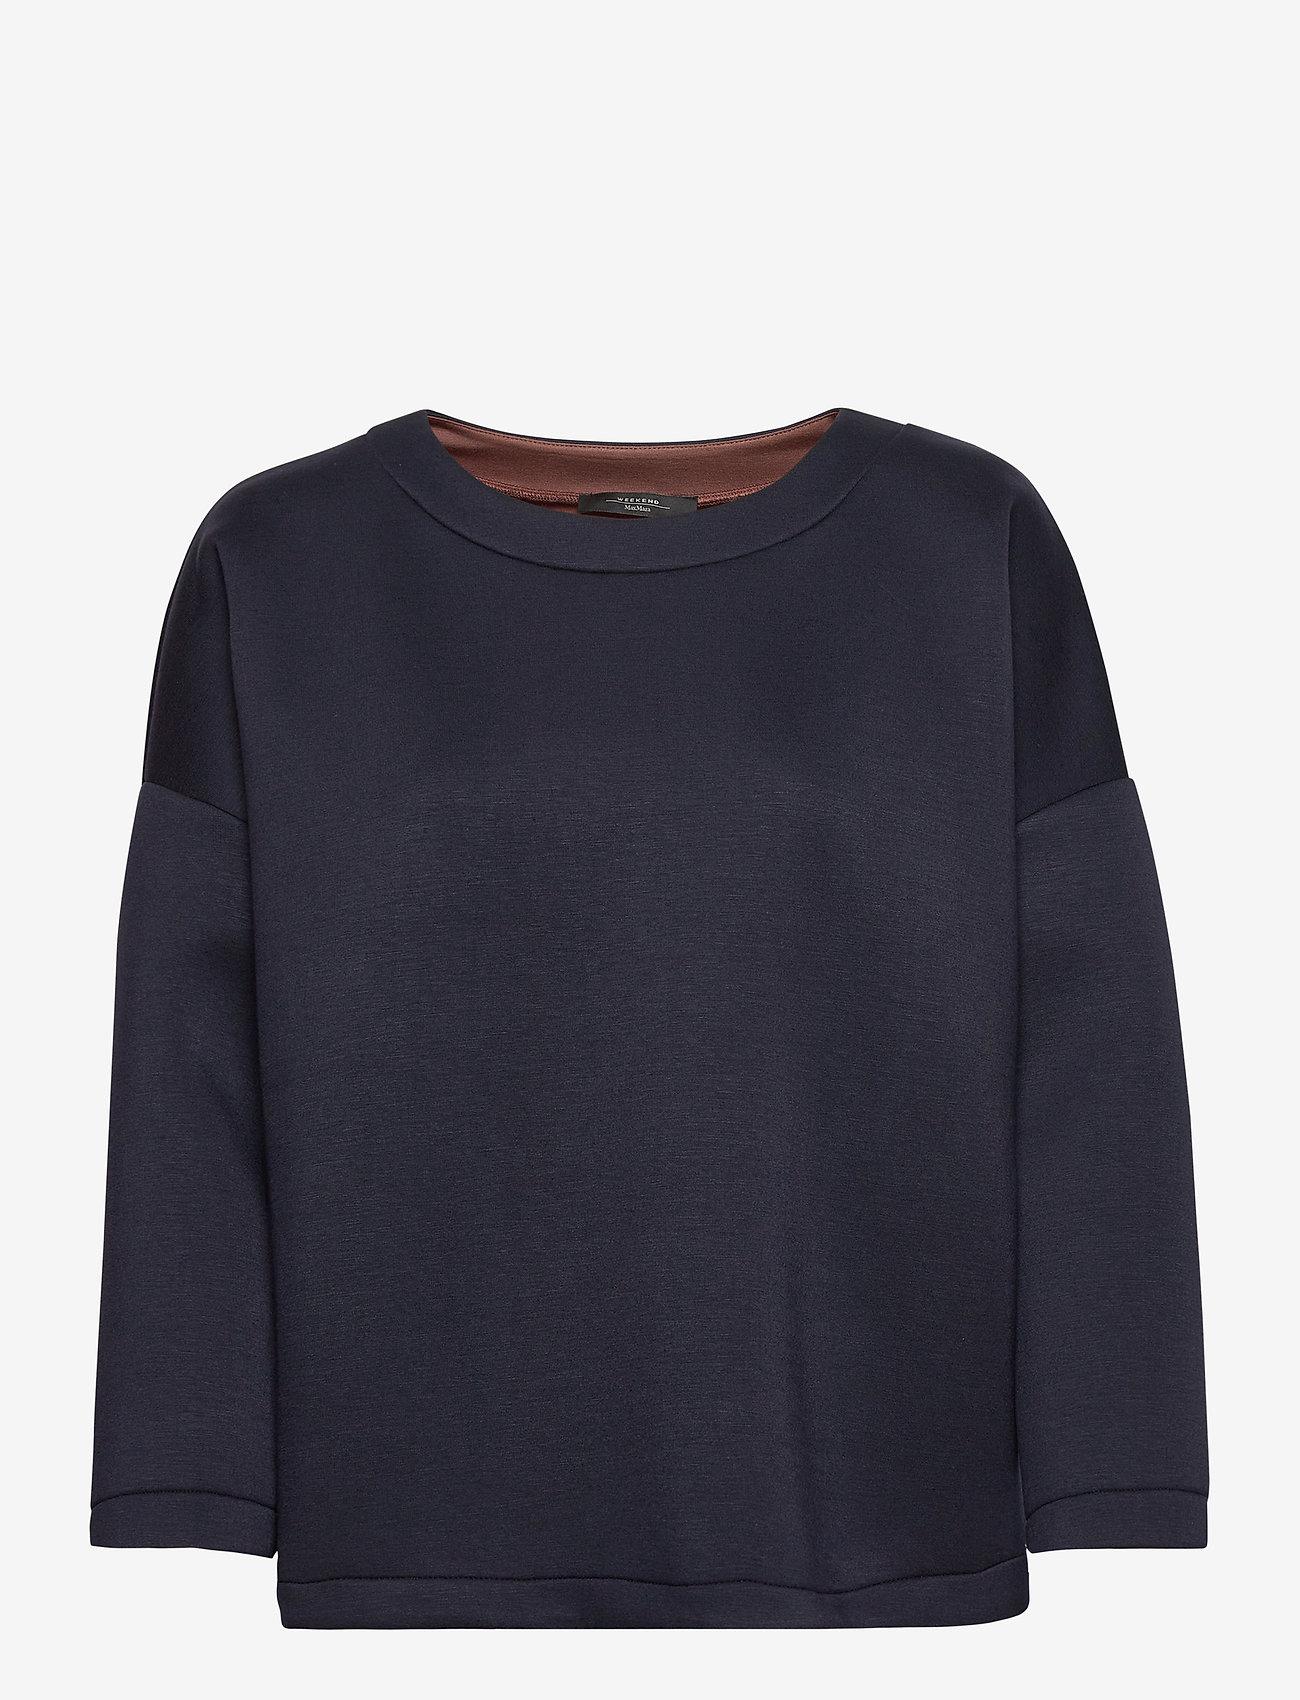 Weekend Max Mara - EDAM - sweatshirts - ultramarine - 0